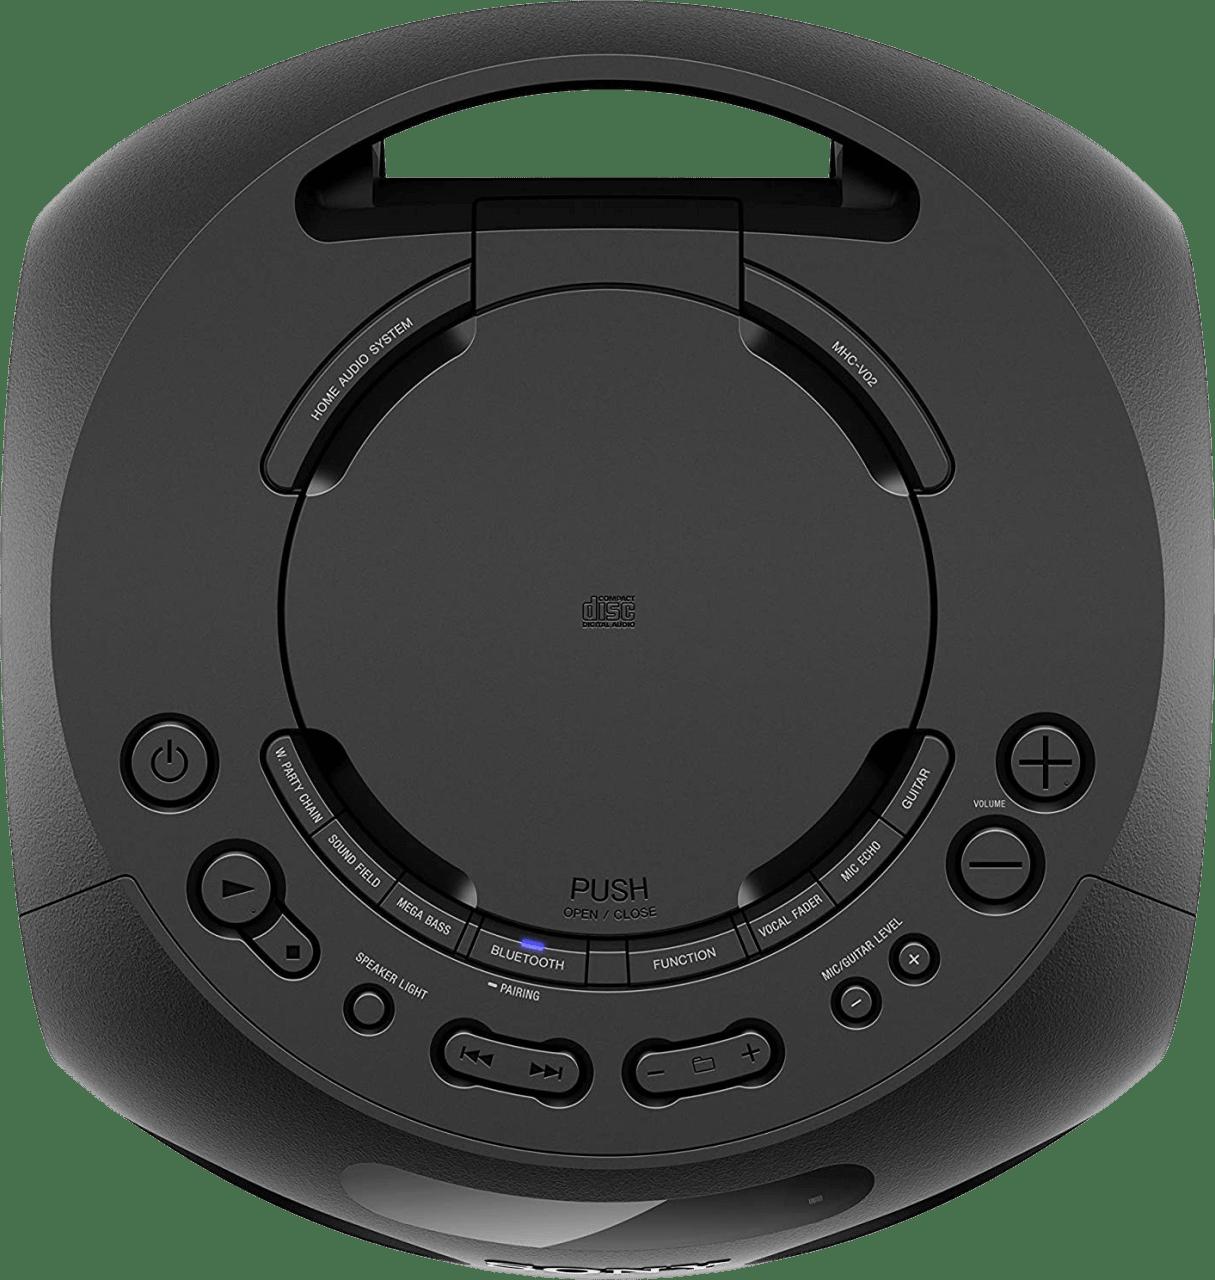 Black Sony MHC-V02 Partybox Party Bluetooth Speaker.4